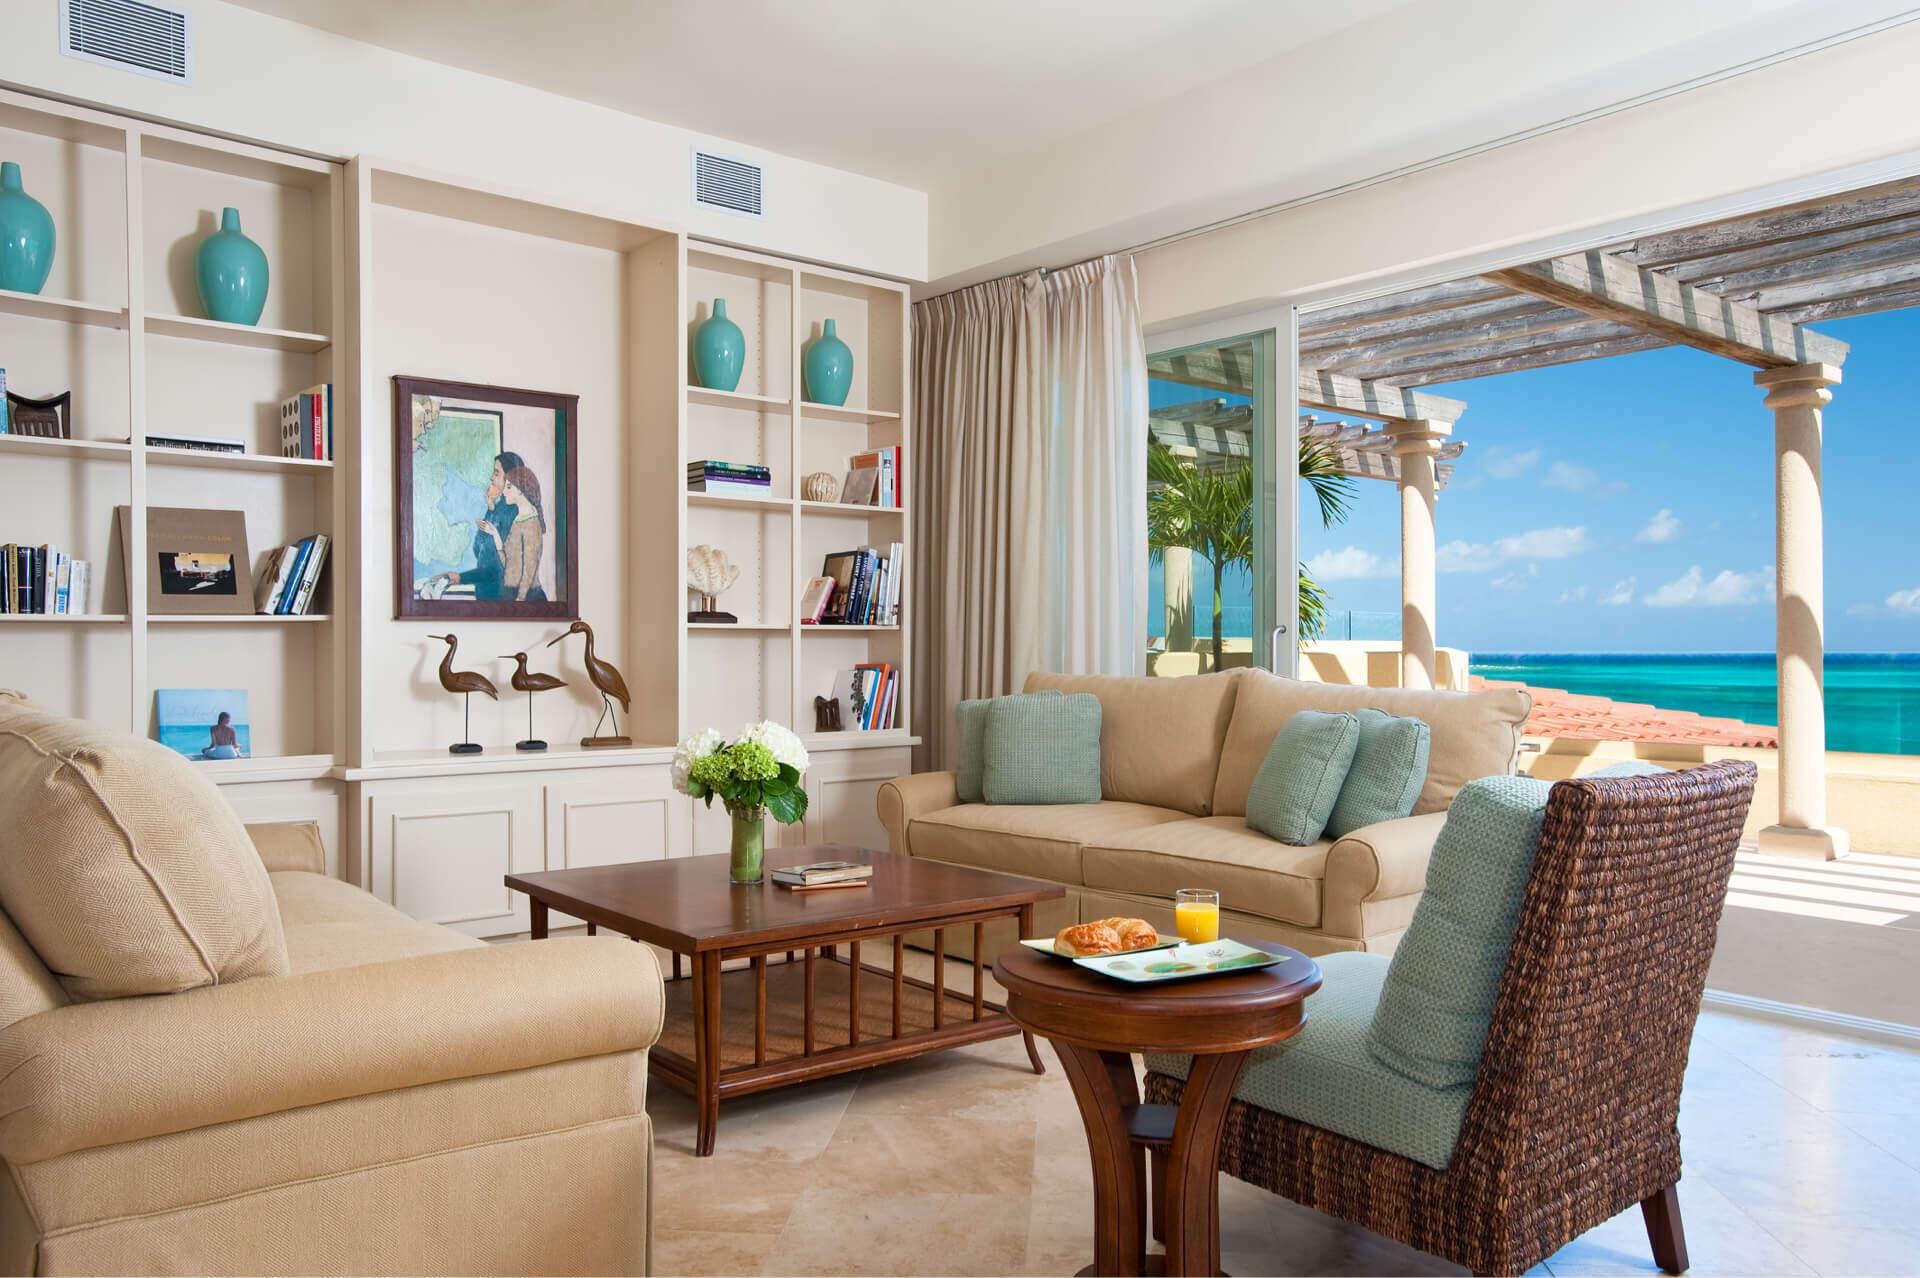 - Villa Penthouse Suite - Image 1/9